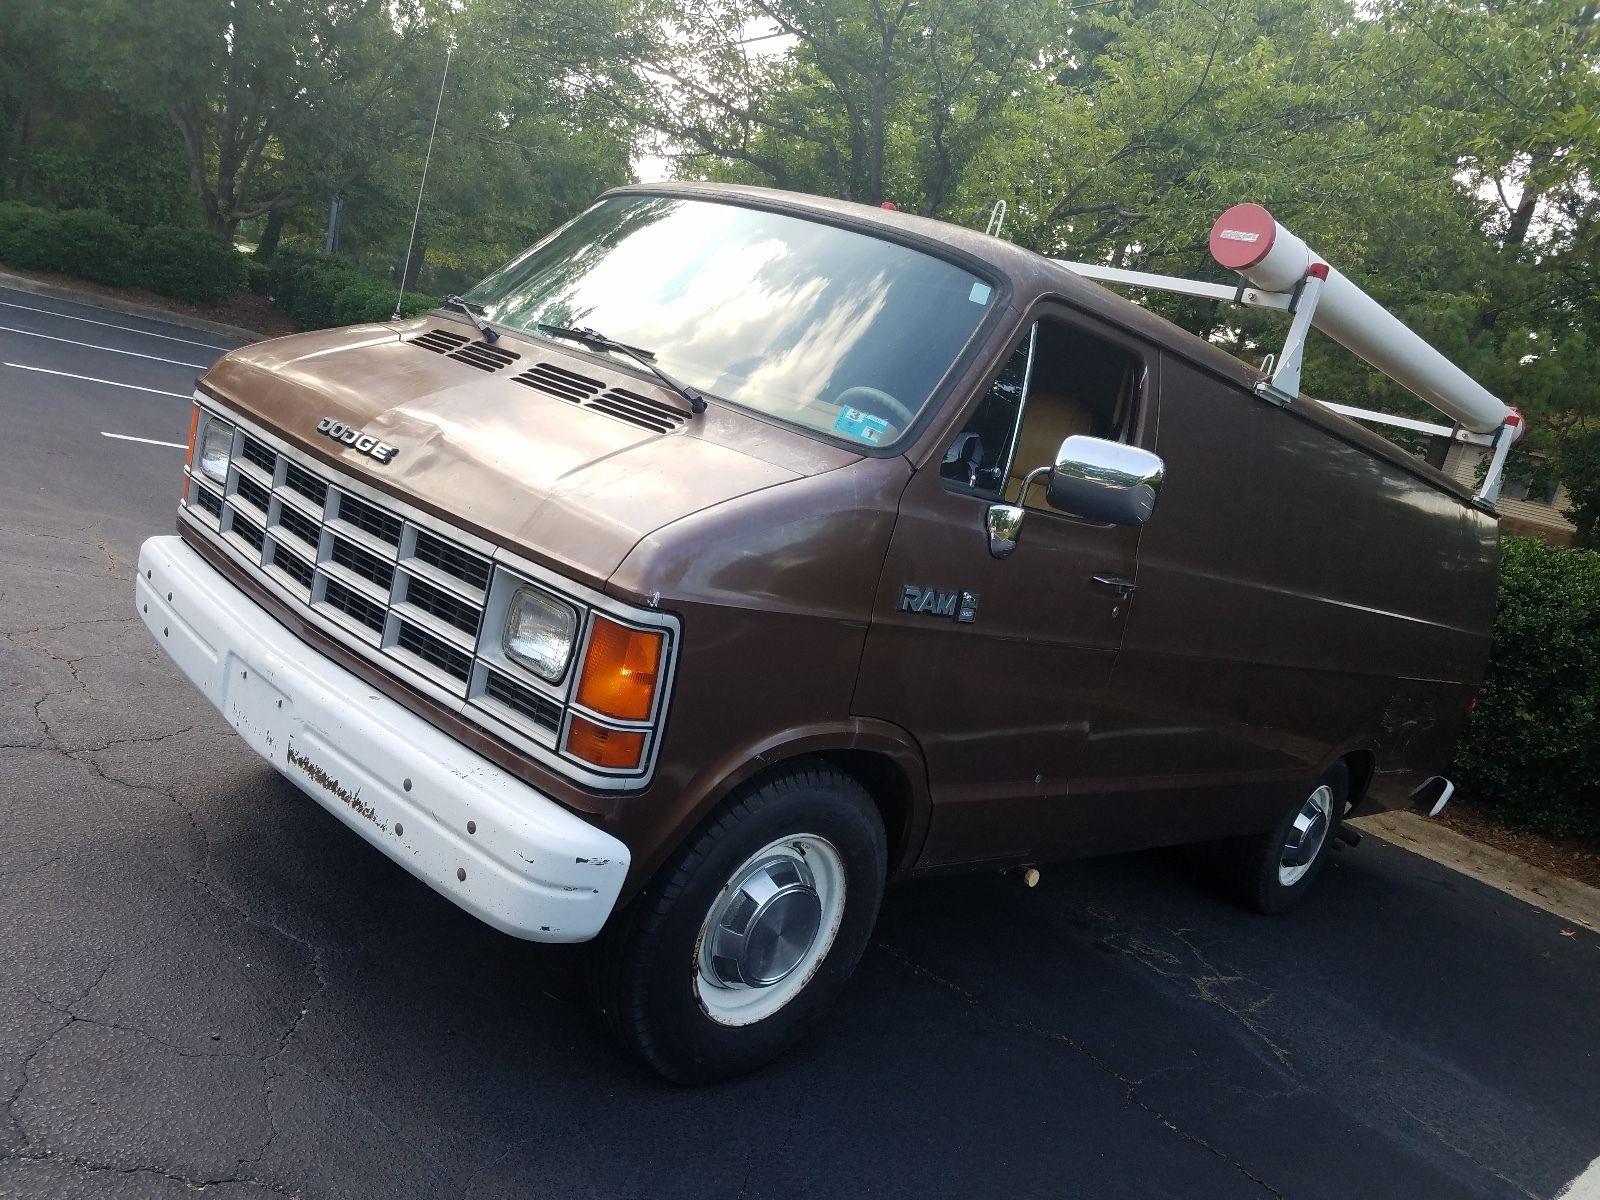 Dodge Ram Surveillance Van (3)